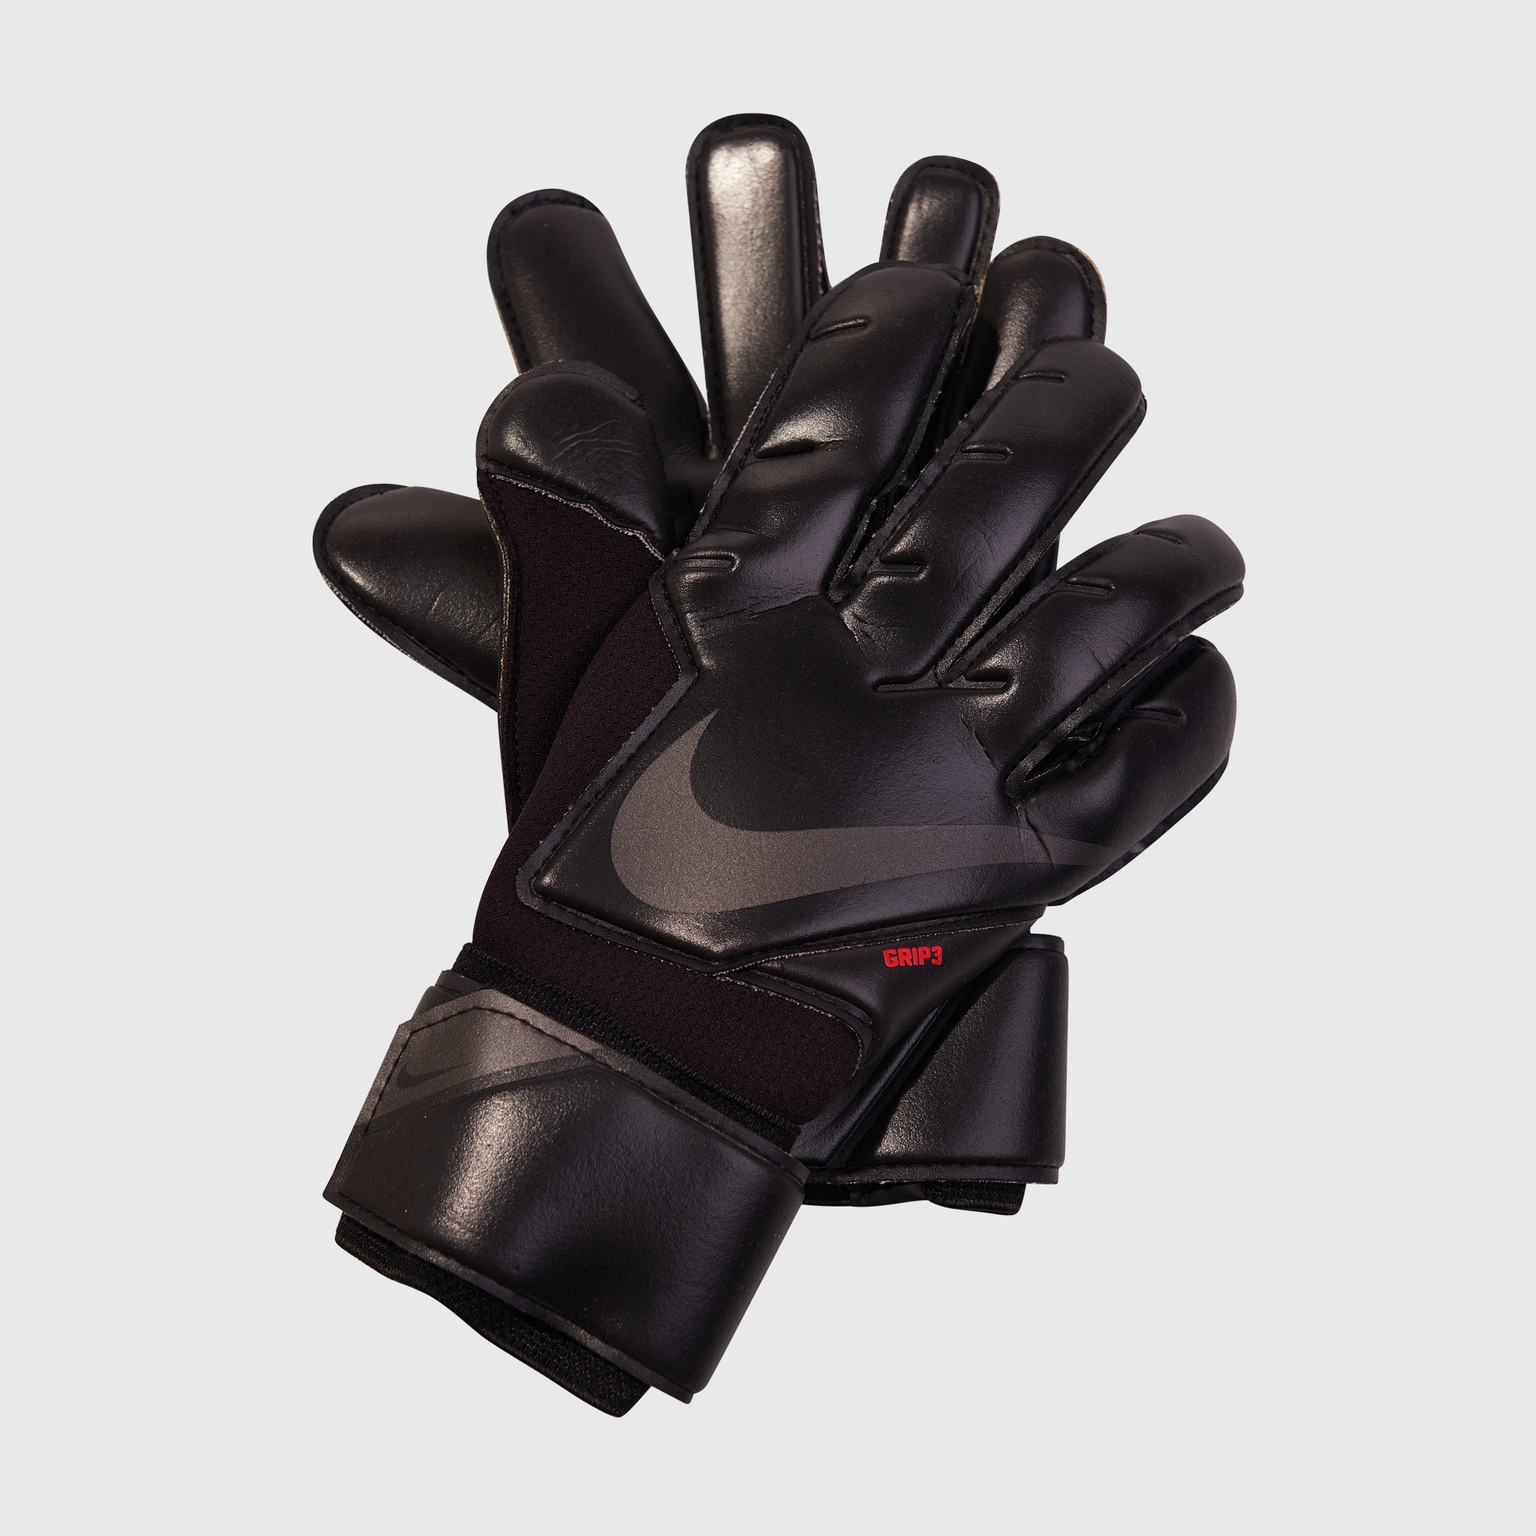 Перчатки вратарские Nike Grip-3 CN5651-010 перчатки вратарские nike vapor grip 3 cn5650 011